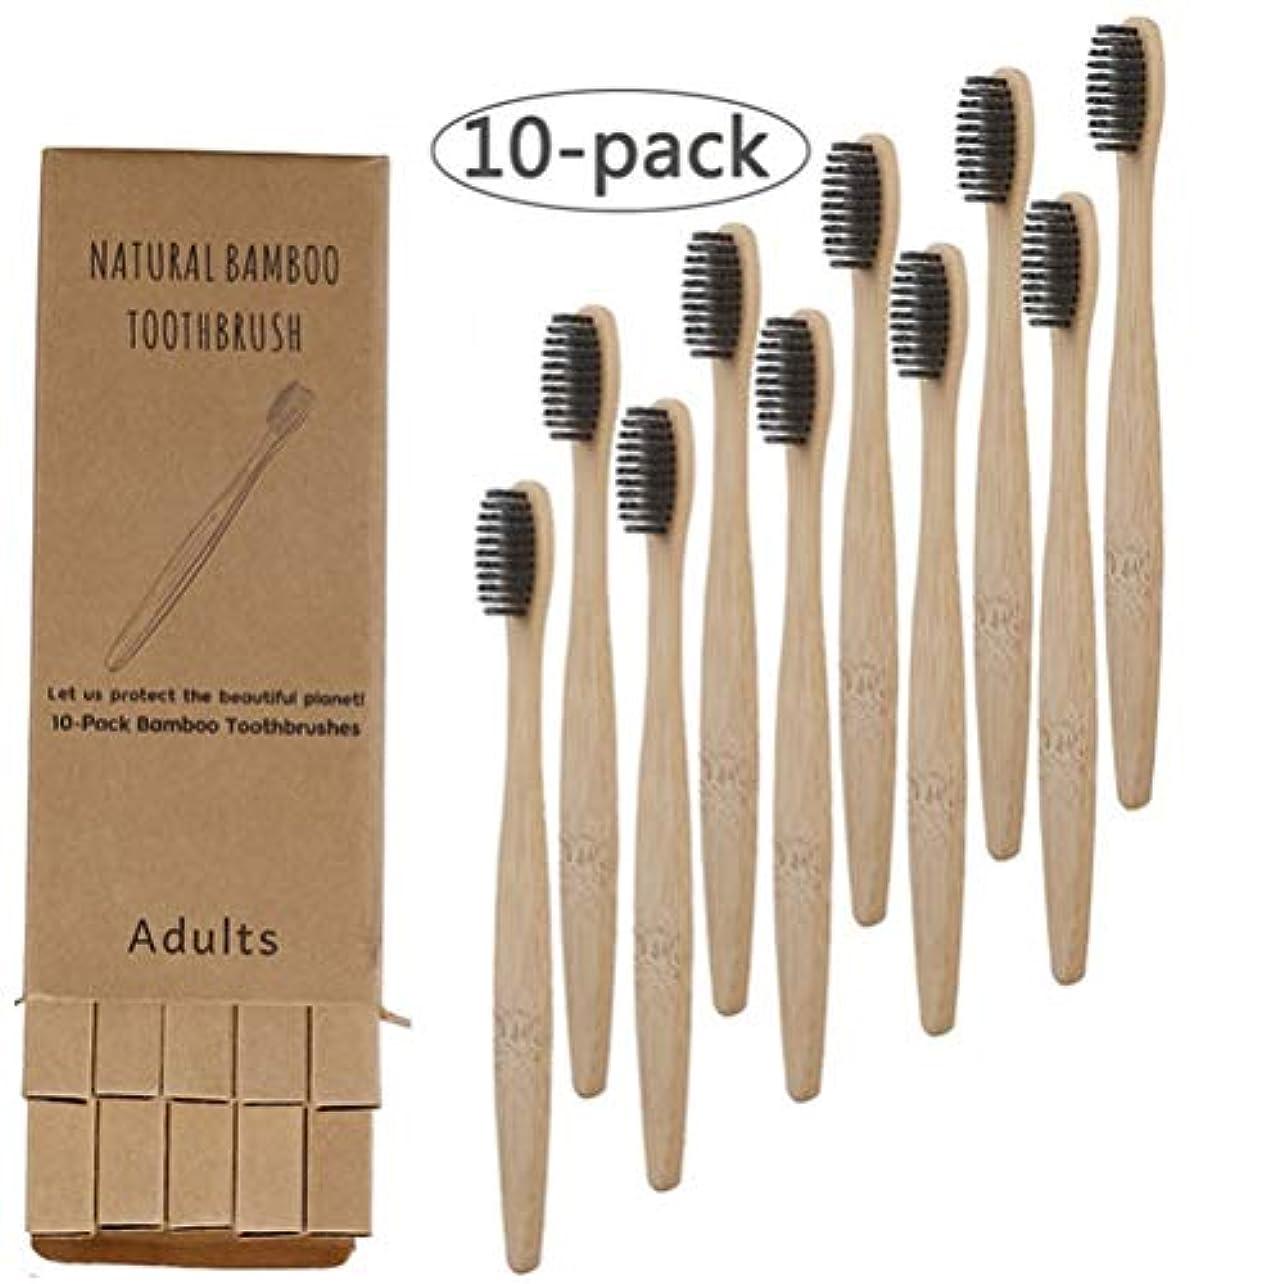 主要な第四かわすKeemov 歯ブラシ 木製 個別包装 10本セット 天然の竹製 安全 歯科用 ジュニア 子供 大人 家族 旅行 家庭用